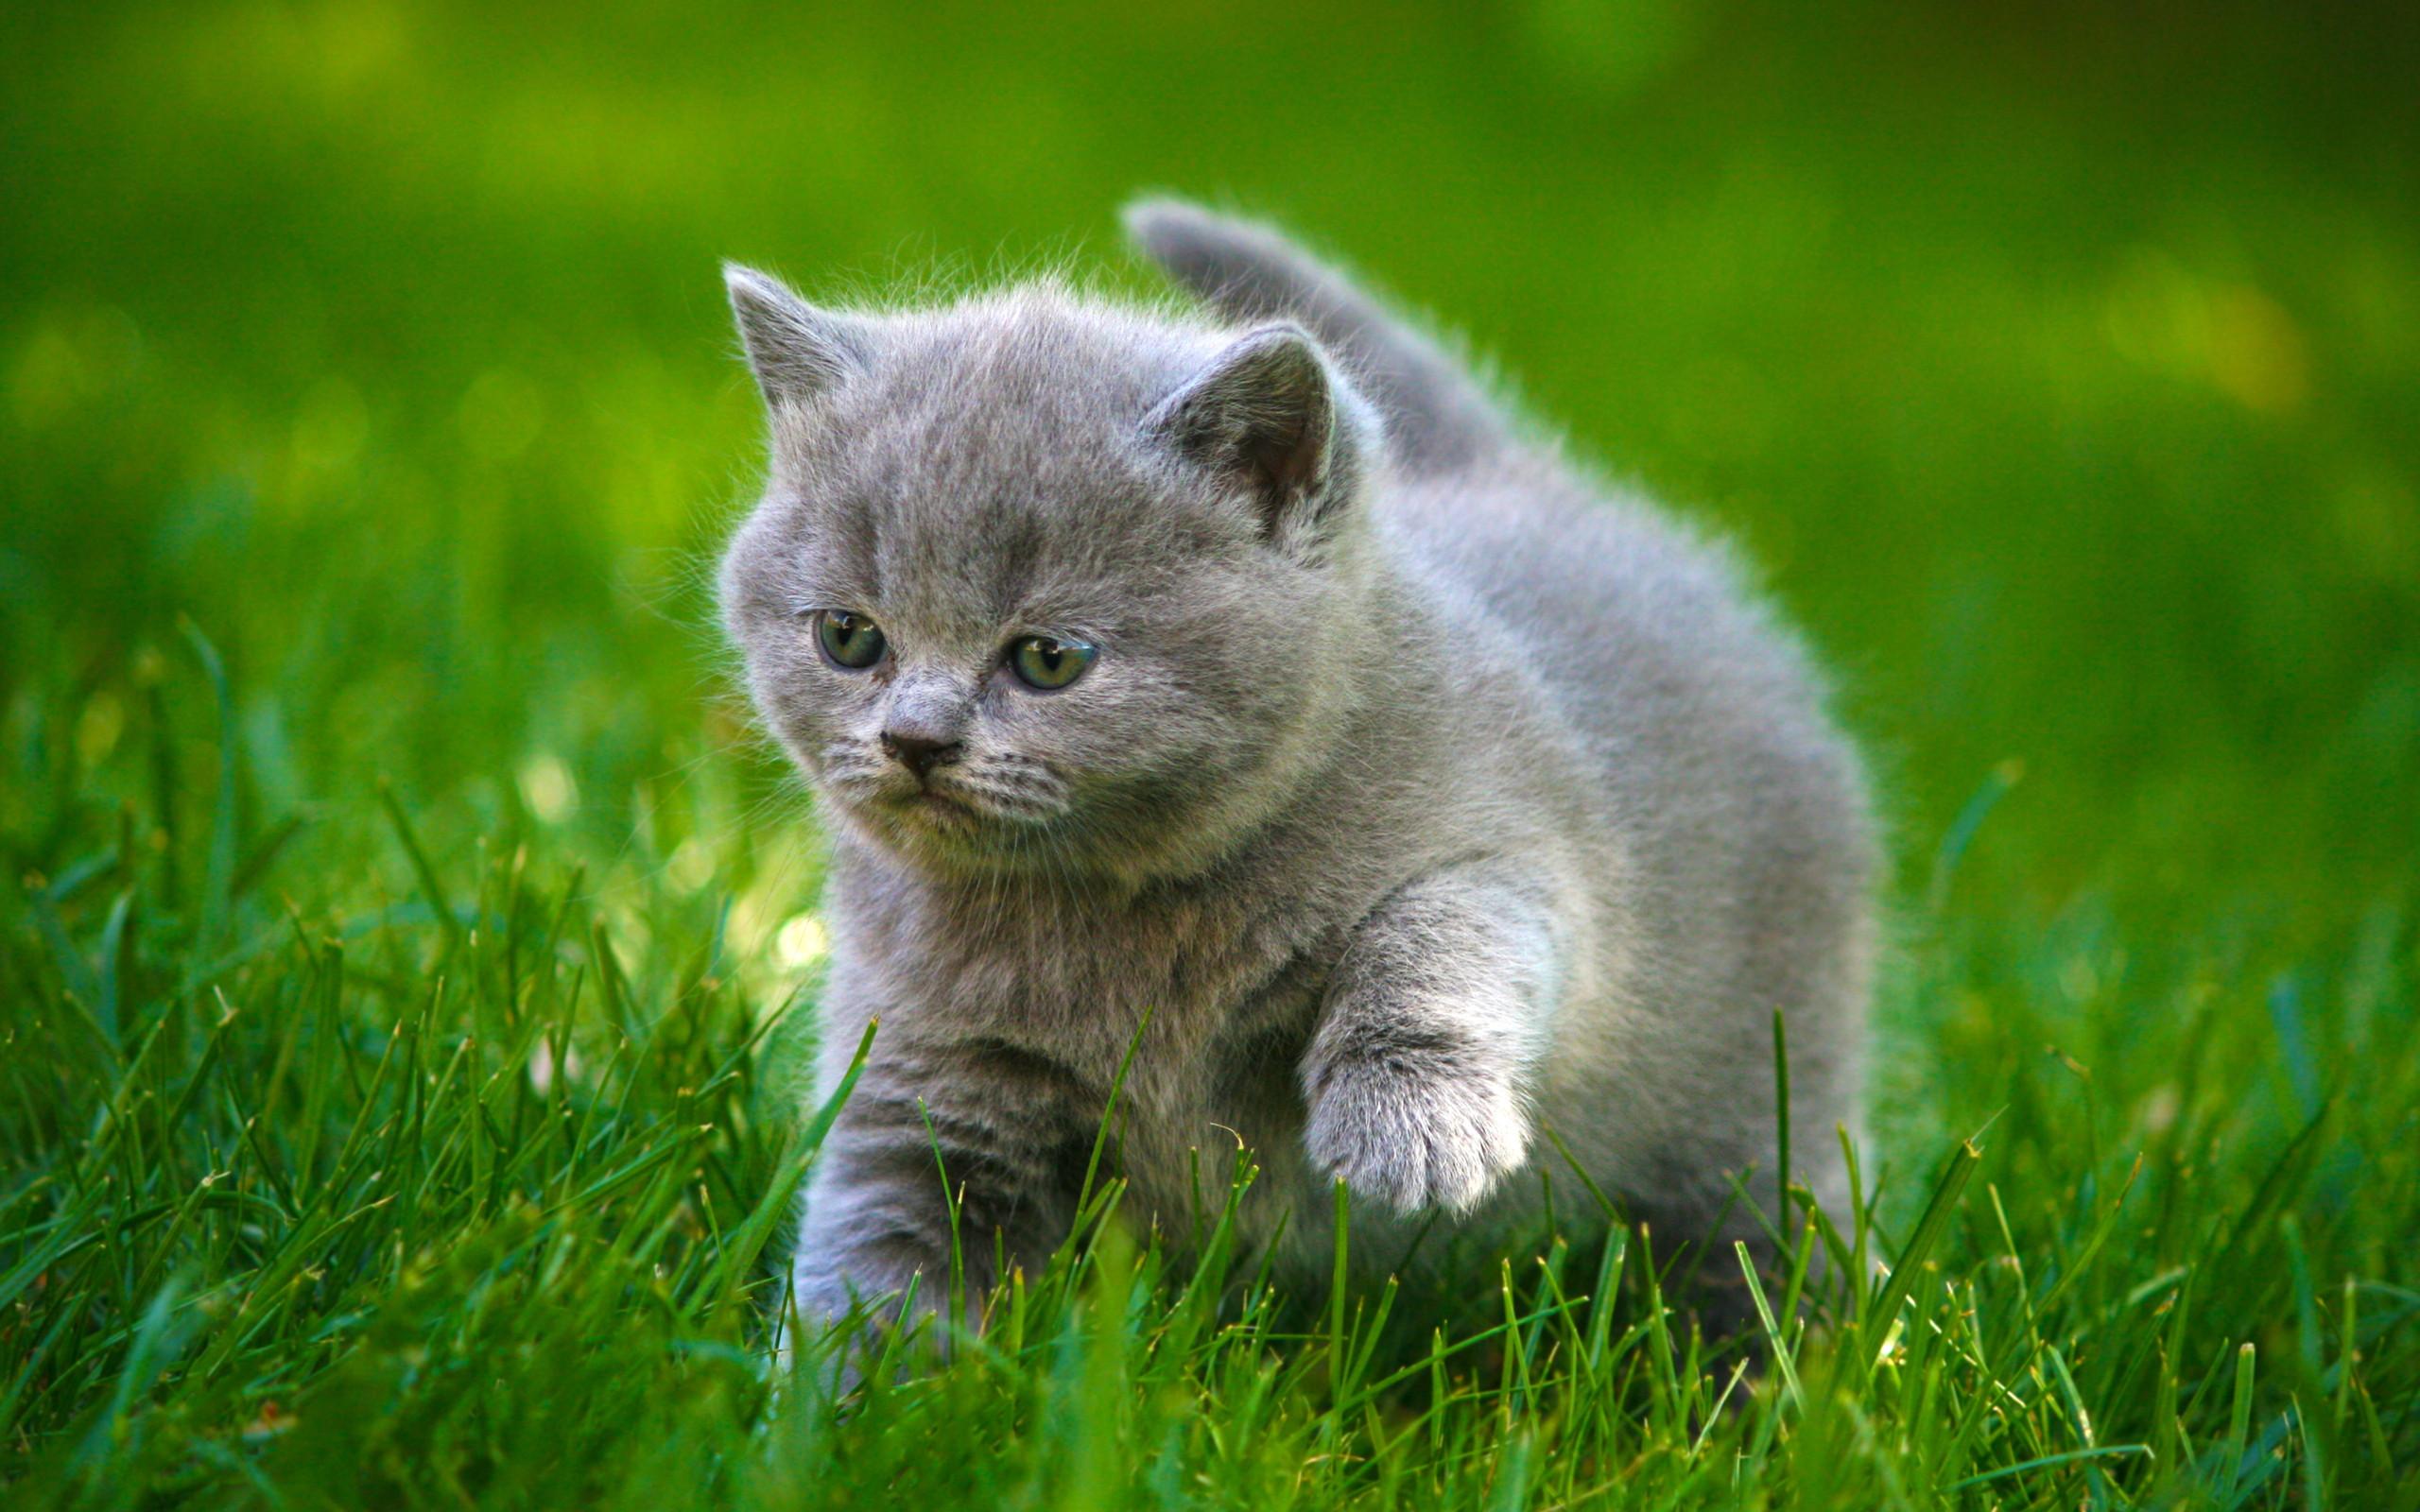 ... tầm và lựa chọn, ảnh mèo con đáng yêu kute ngộ nghĩnh để bạn tải về làm hình nền máy tính hoặc hình nền điện thoại là lựa chọn hoàn hảo nhất.